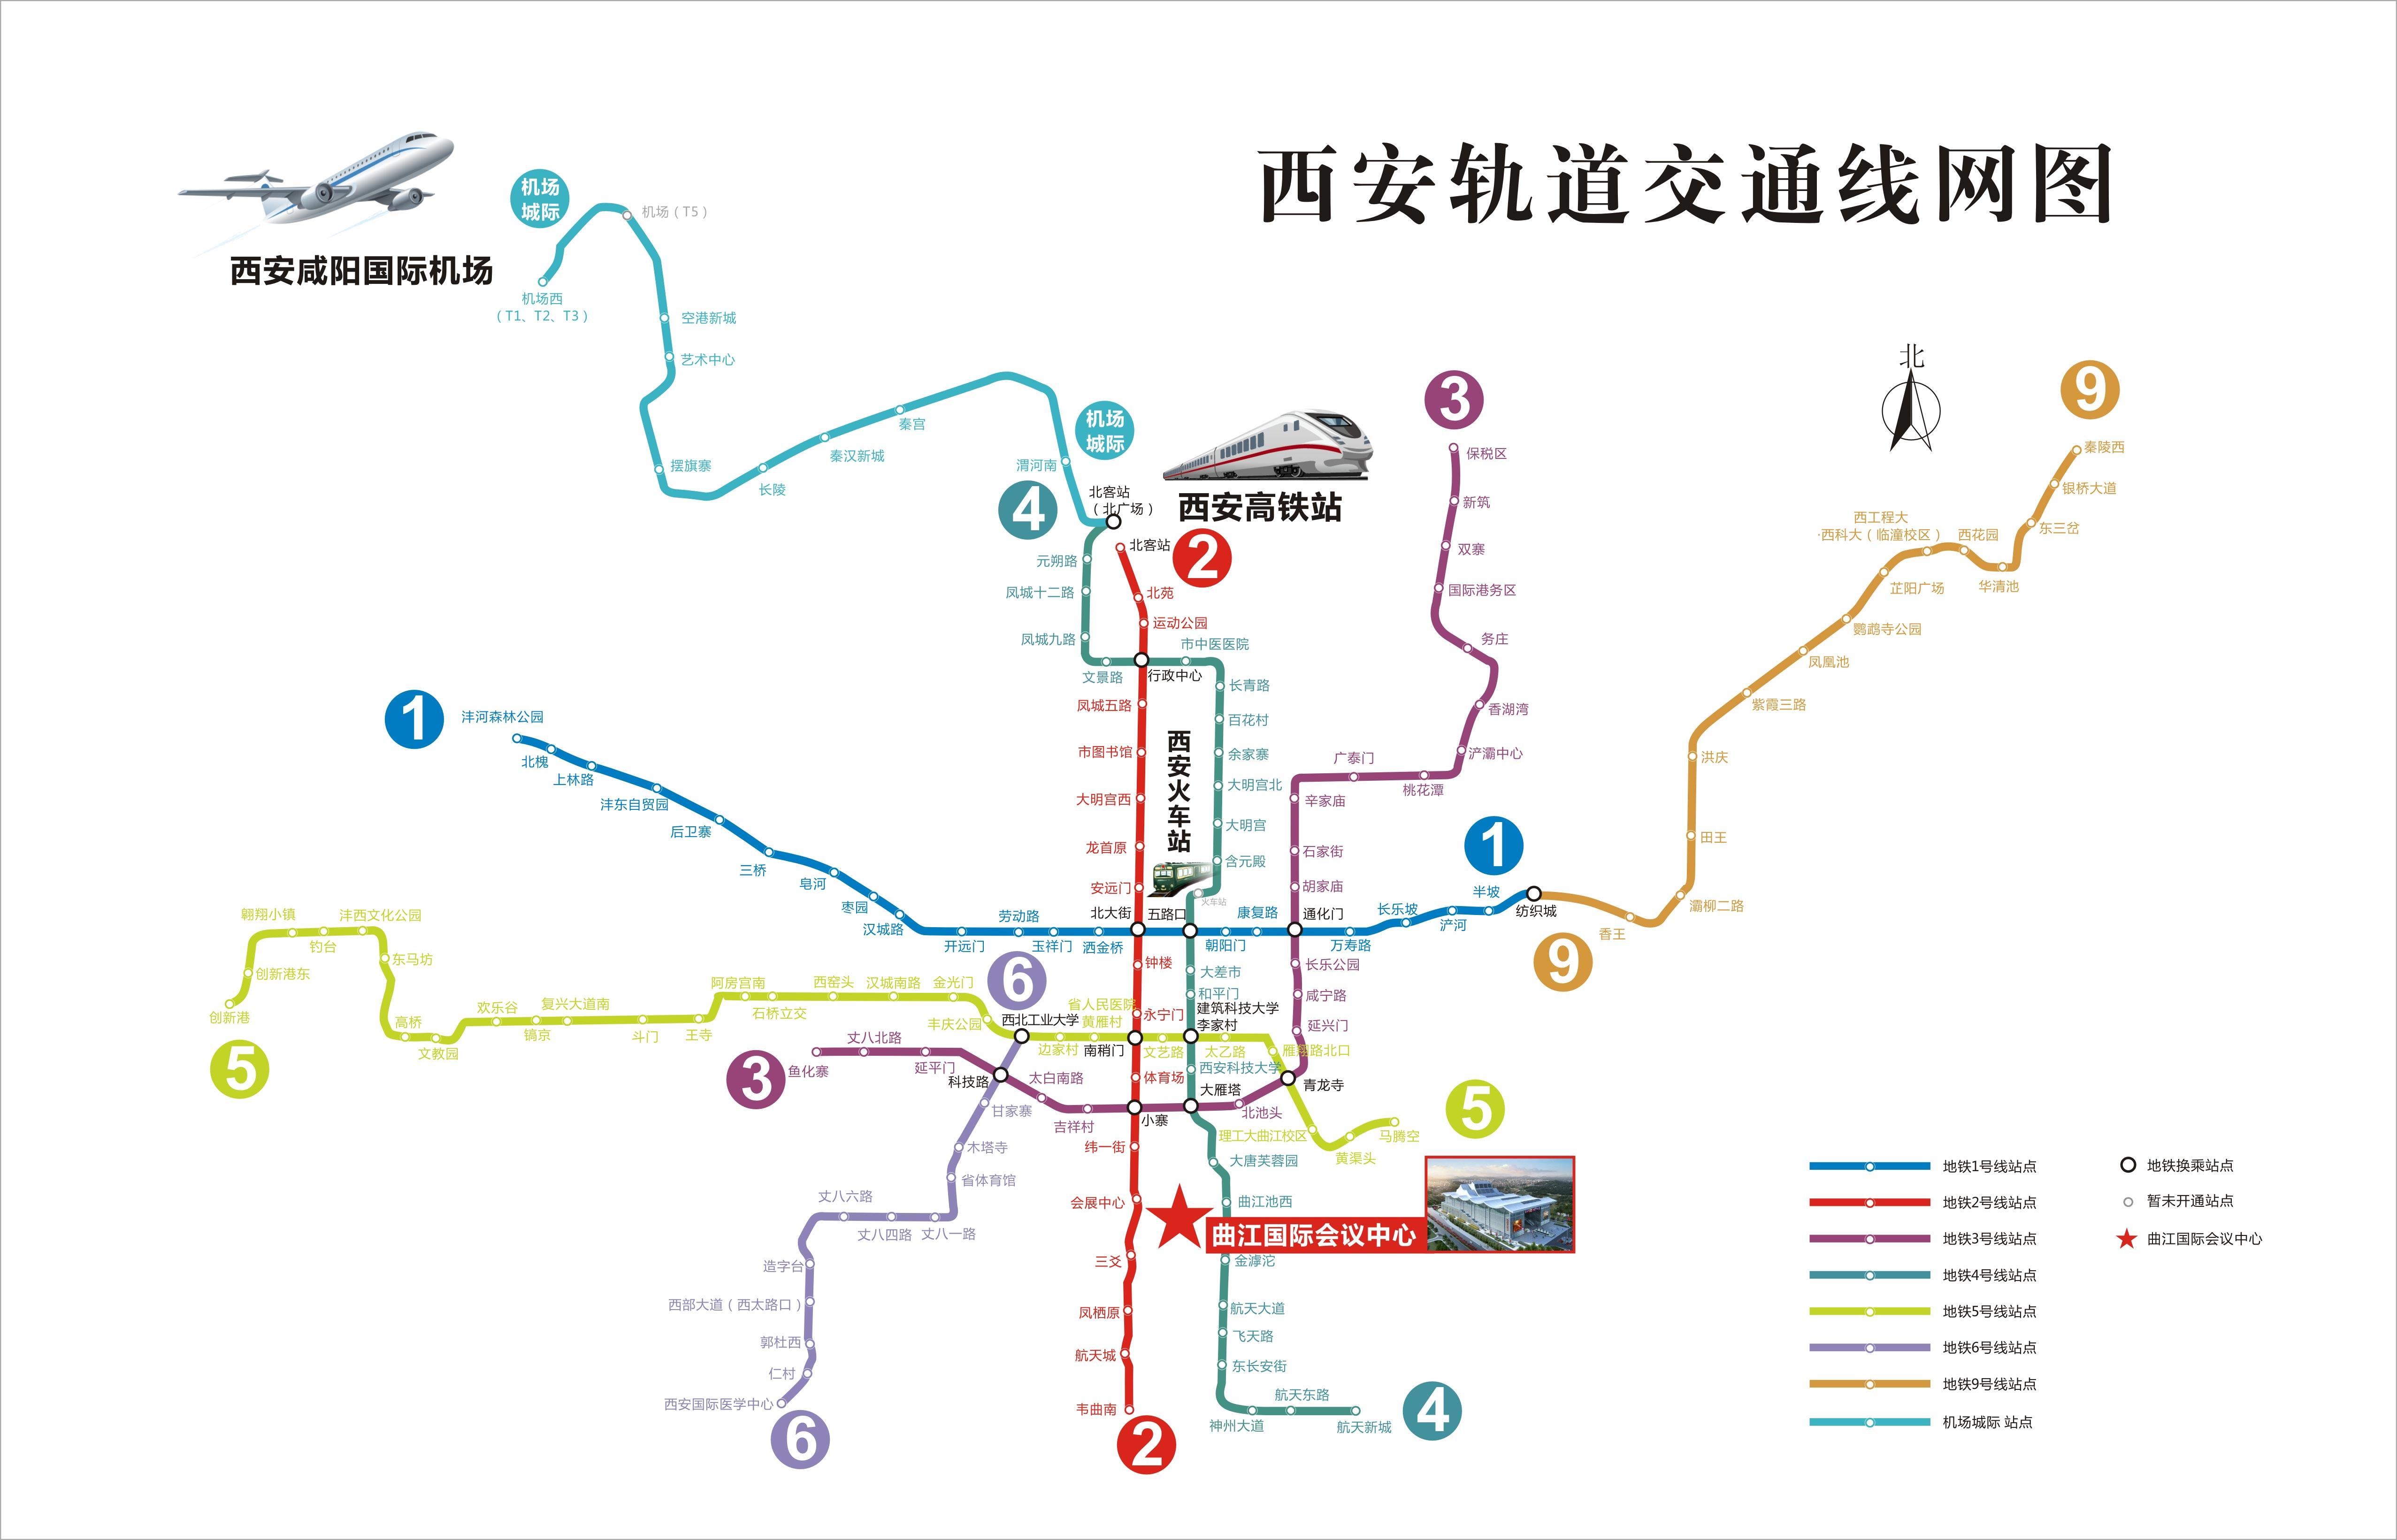 地铁规划图.jpg